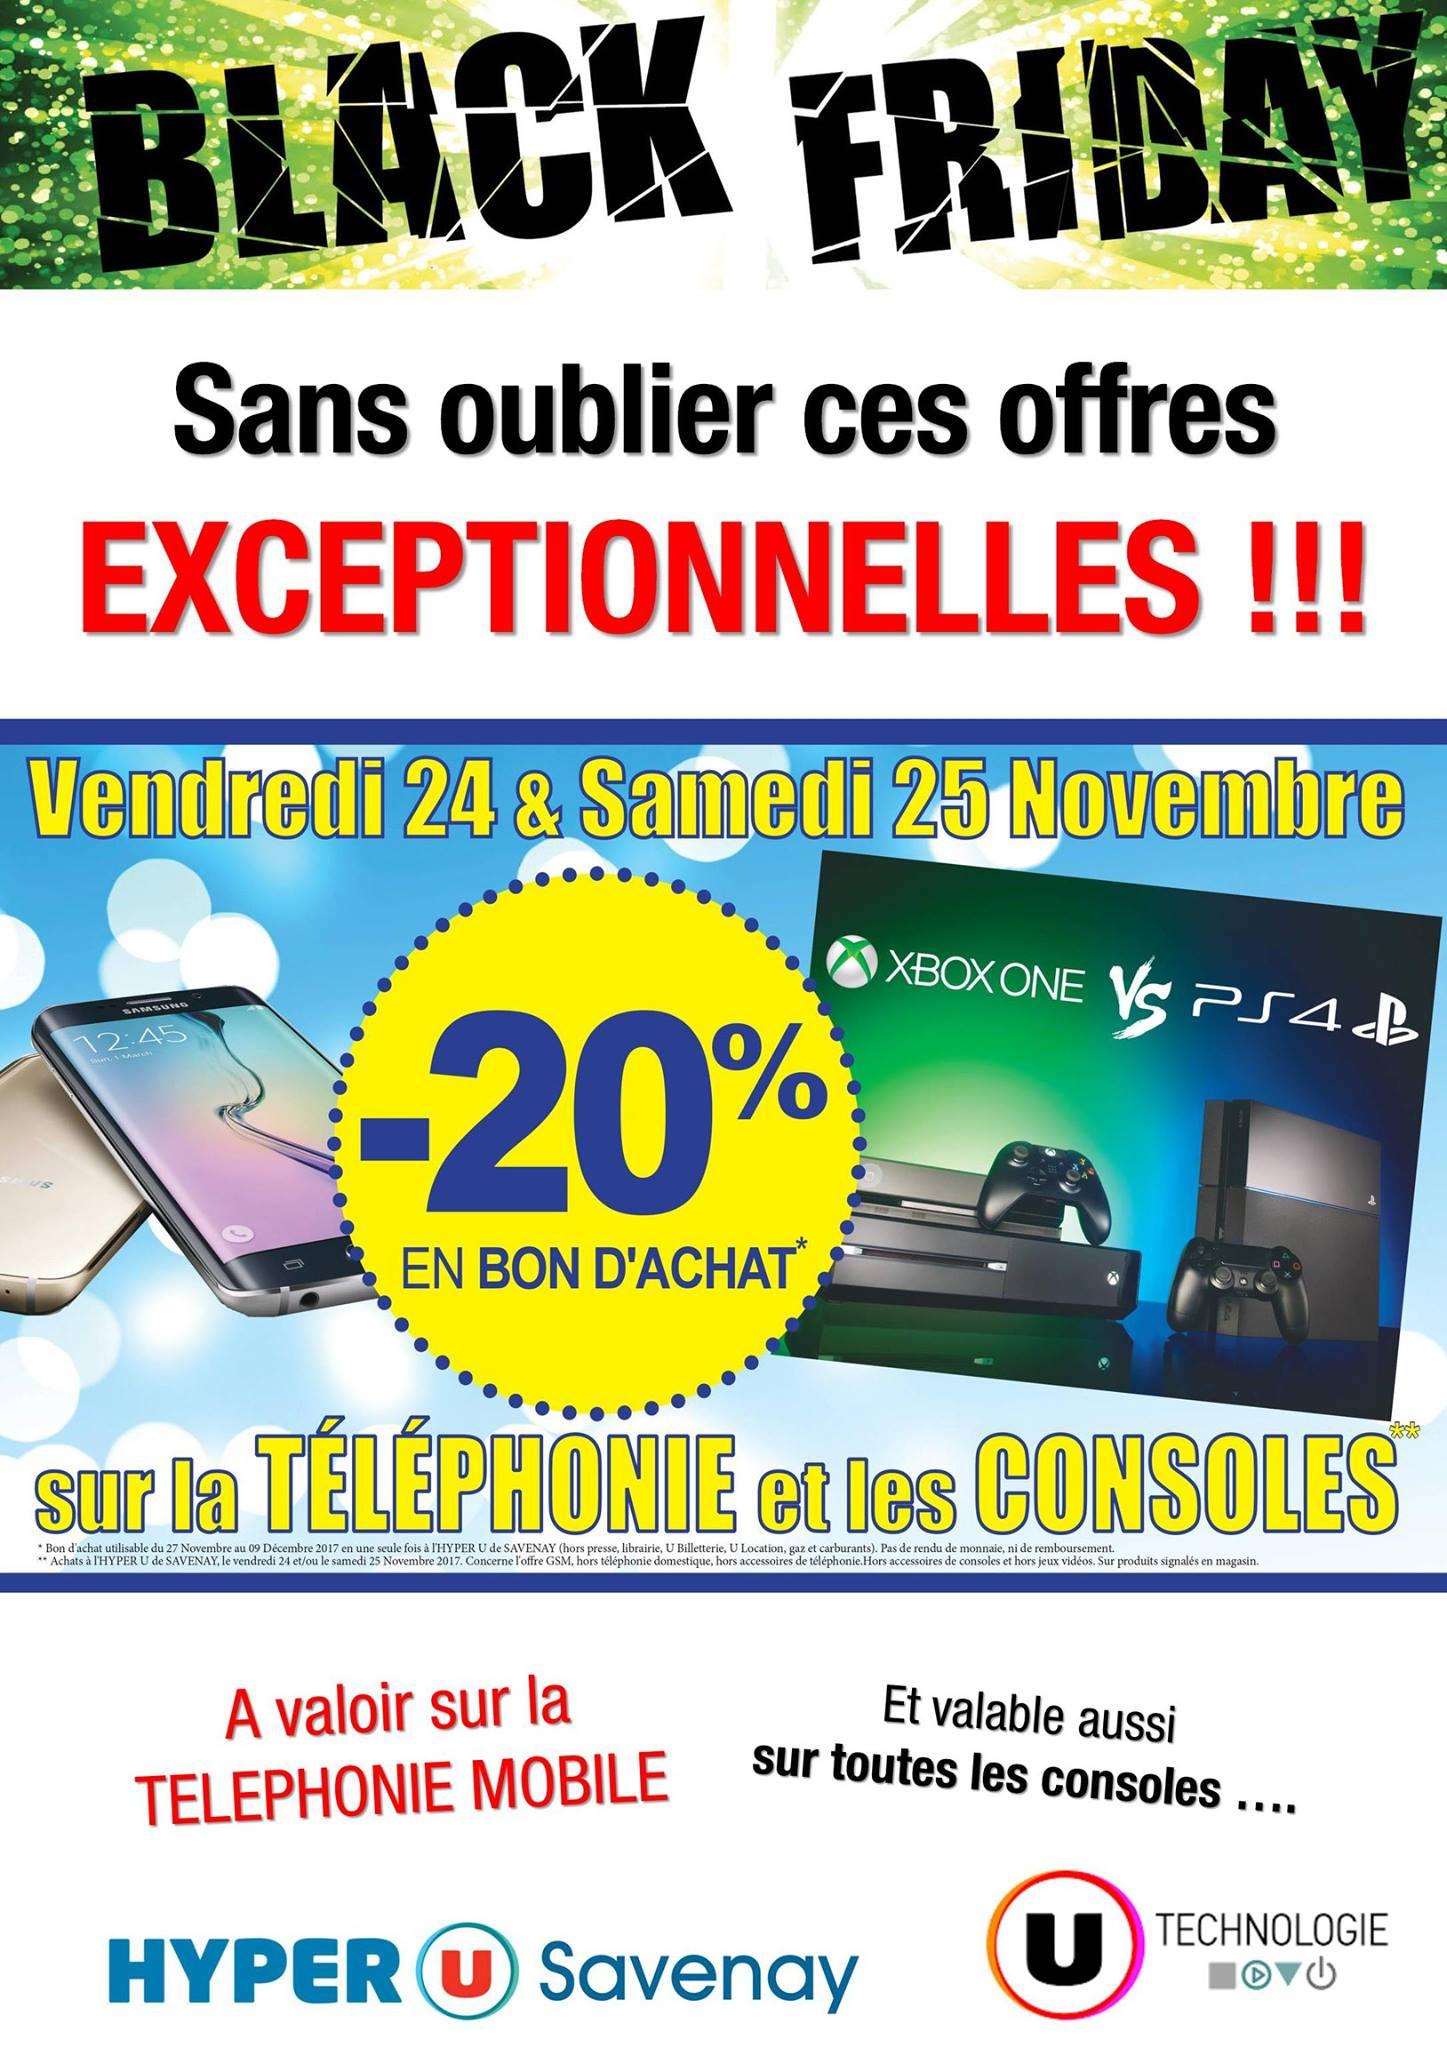 20% offerts en bon d'achat sur les consoles de jeux et la téléphonie - Hyper U Savenay (44)